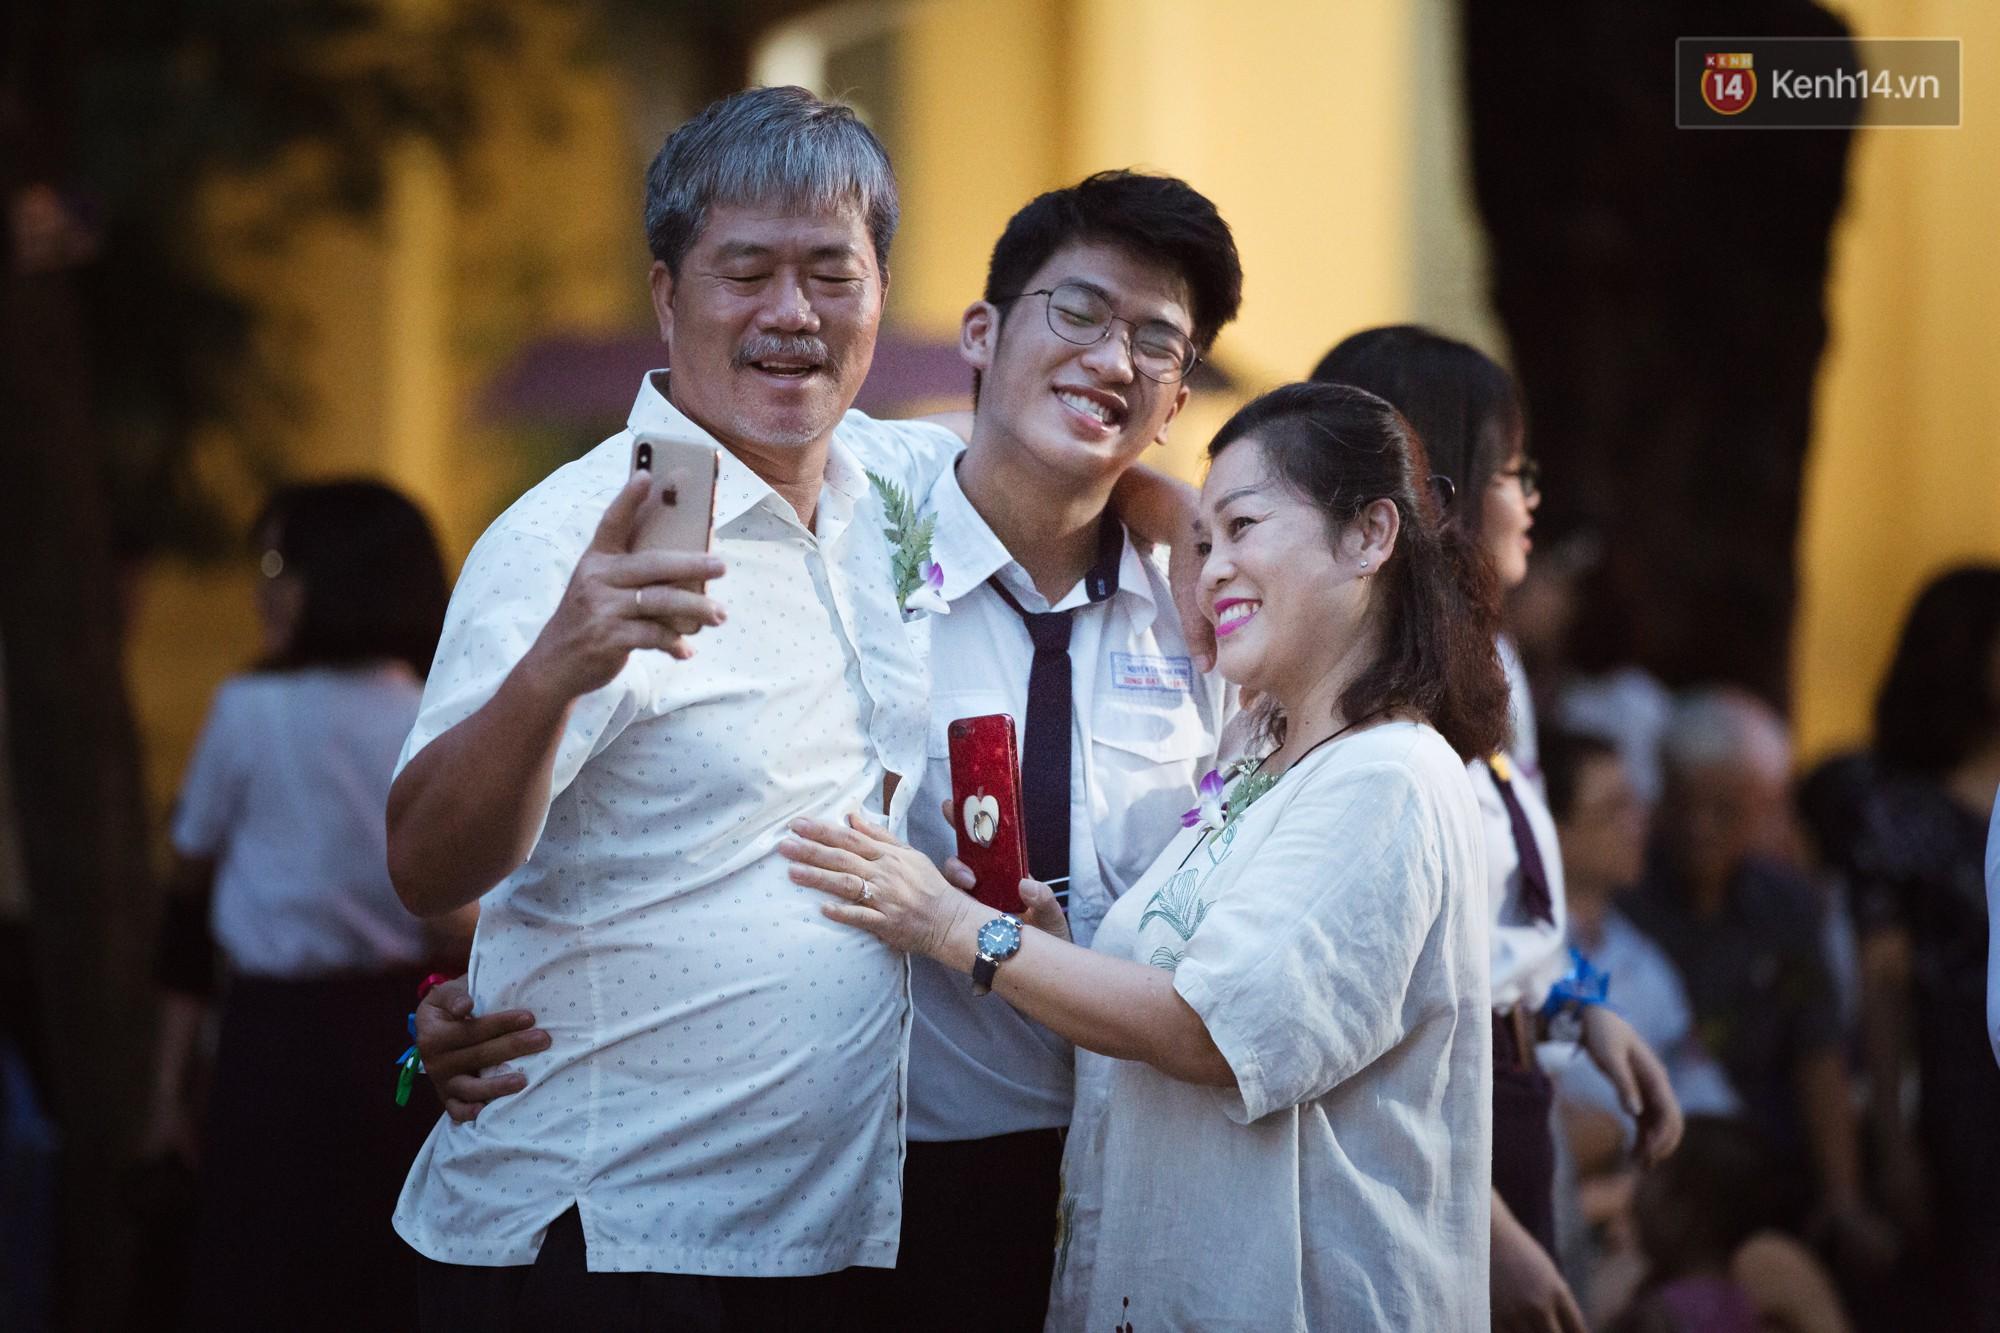 Ảnh 2: Học sinh trường Nguyễn Thị Minh Khai - We25.vn